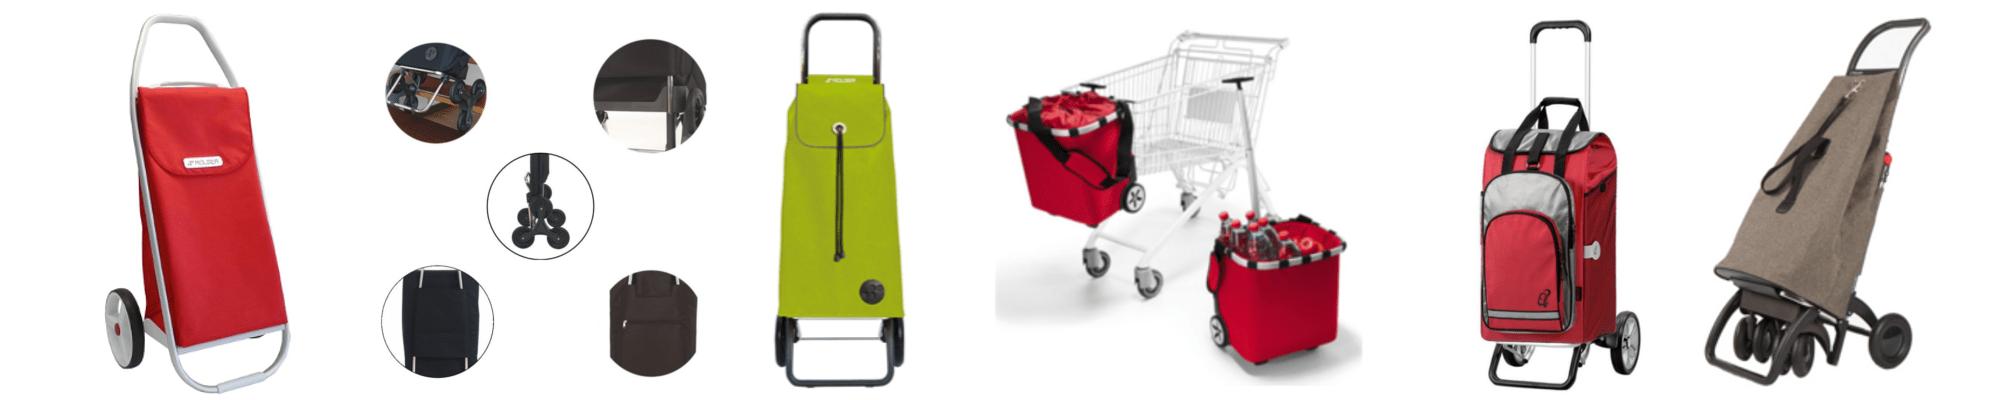 Einkaufstrolley-Vergleich / Einkaufstrolley-Vergleich.de feiert 3. Geburtstag